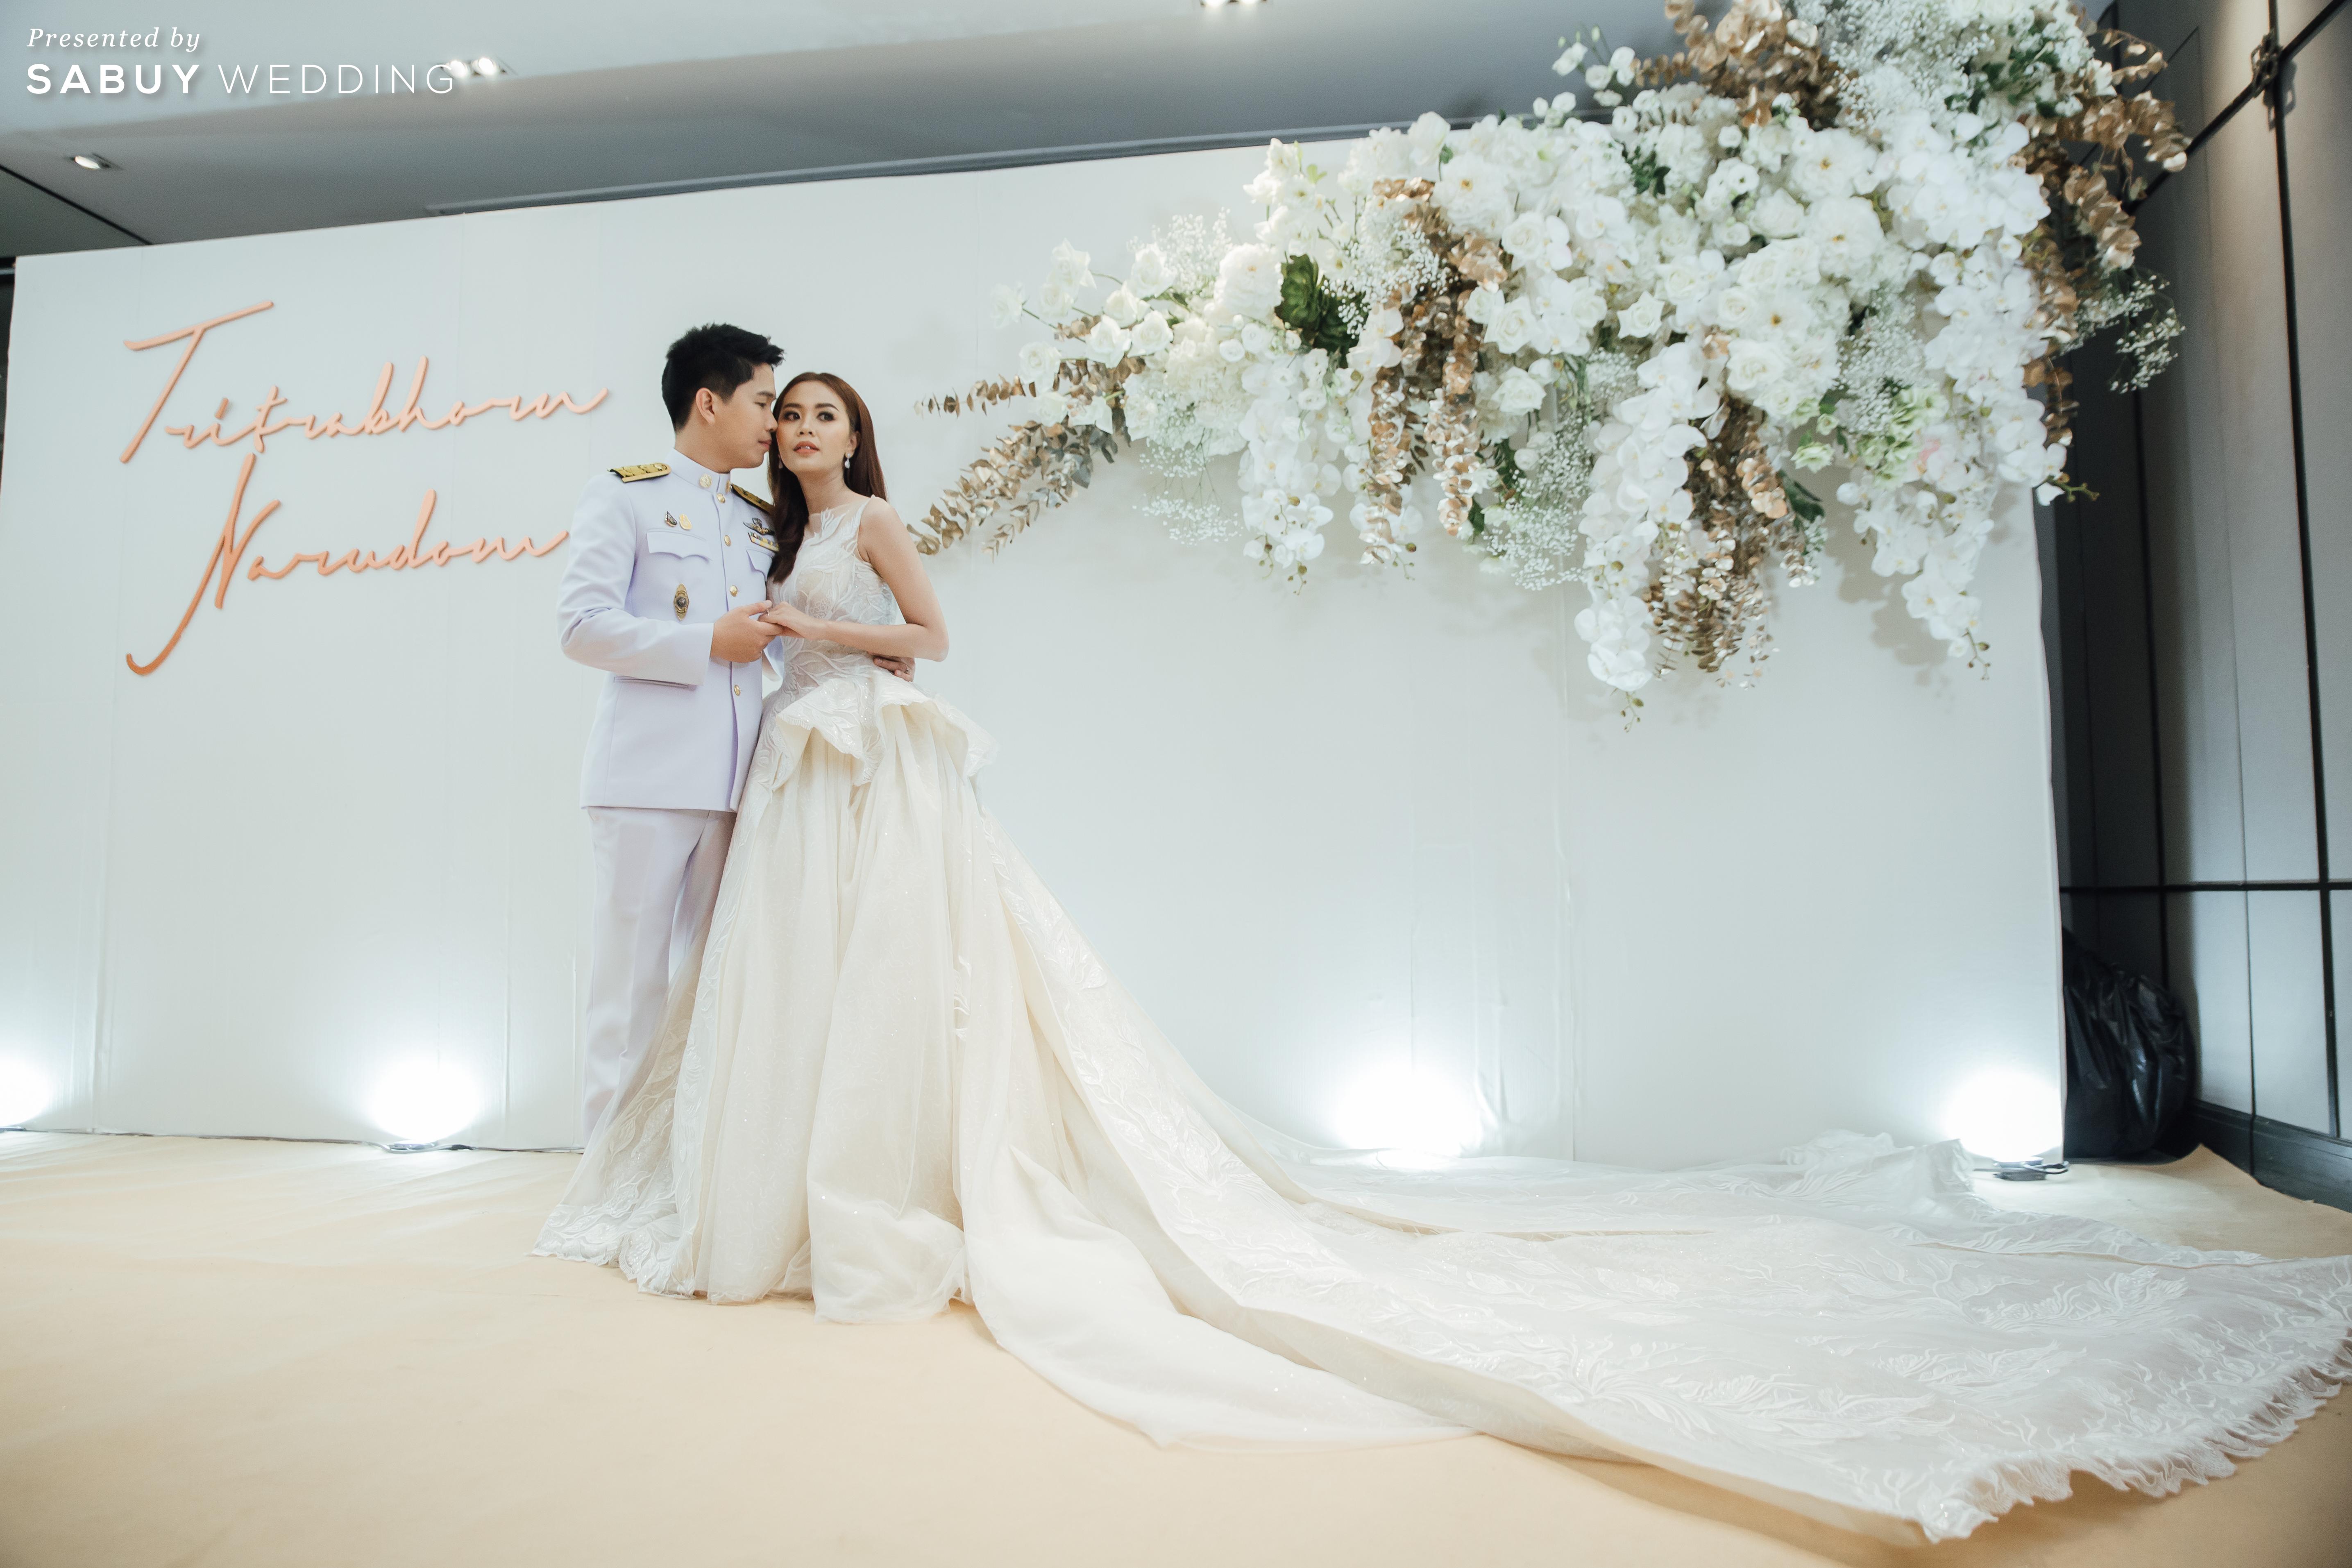 เจ้าบ่าว,เจ้าสาว,แต่งงาน,backdrop รีวิวงานแต่งริมน้ำสุดอบอุ่น สวยละมุนในโทนขาวเขียว @ Chatrium Hotel Riverside Bangkok